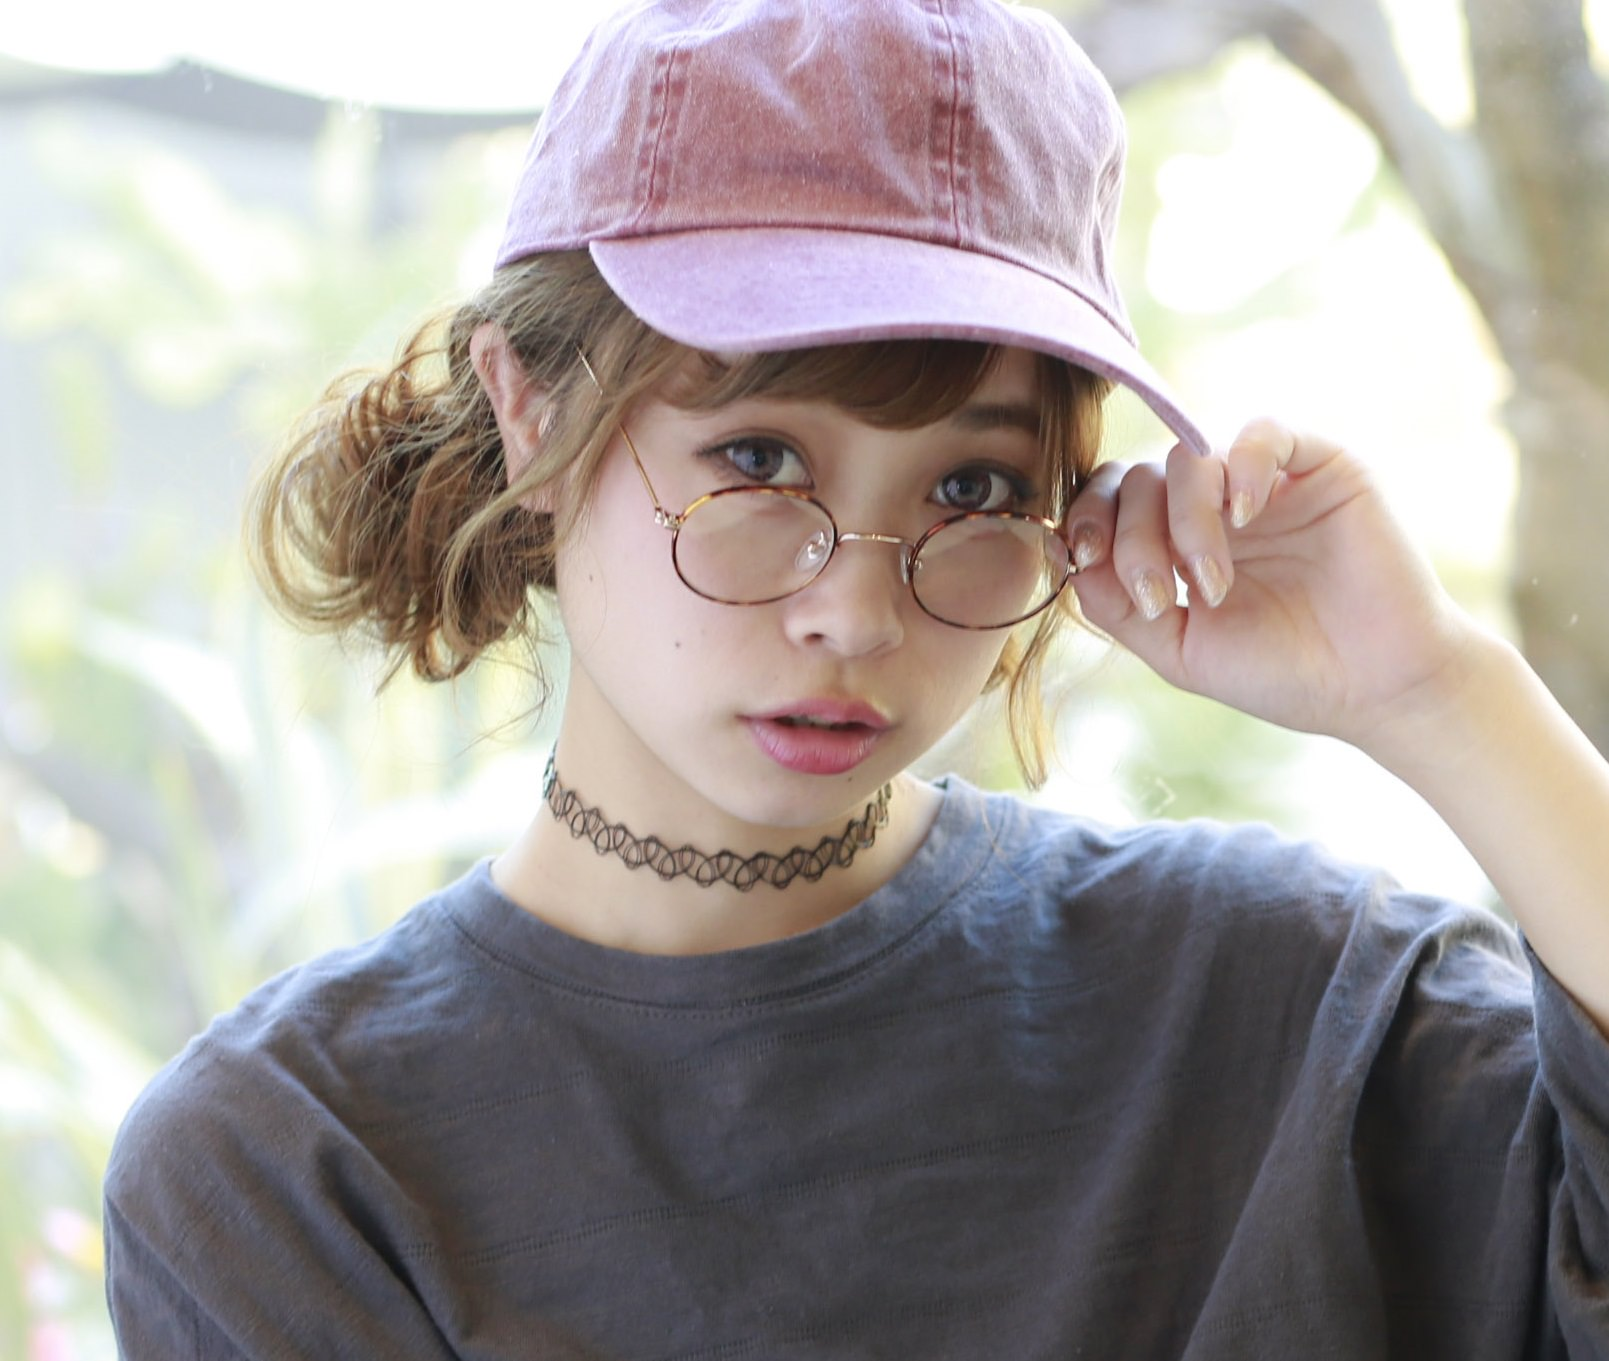 【保存版】トレンドの可愛いヘアスタイル・髪型30選大発表!7